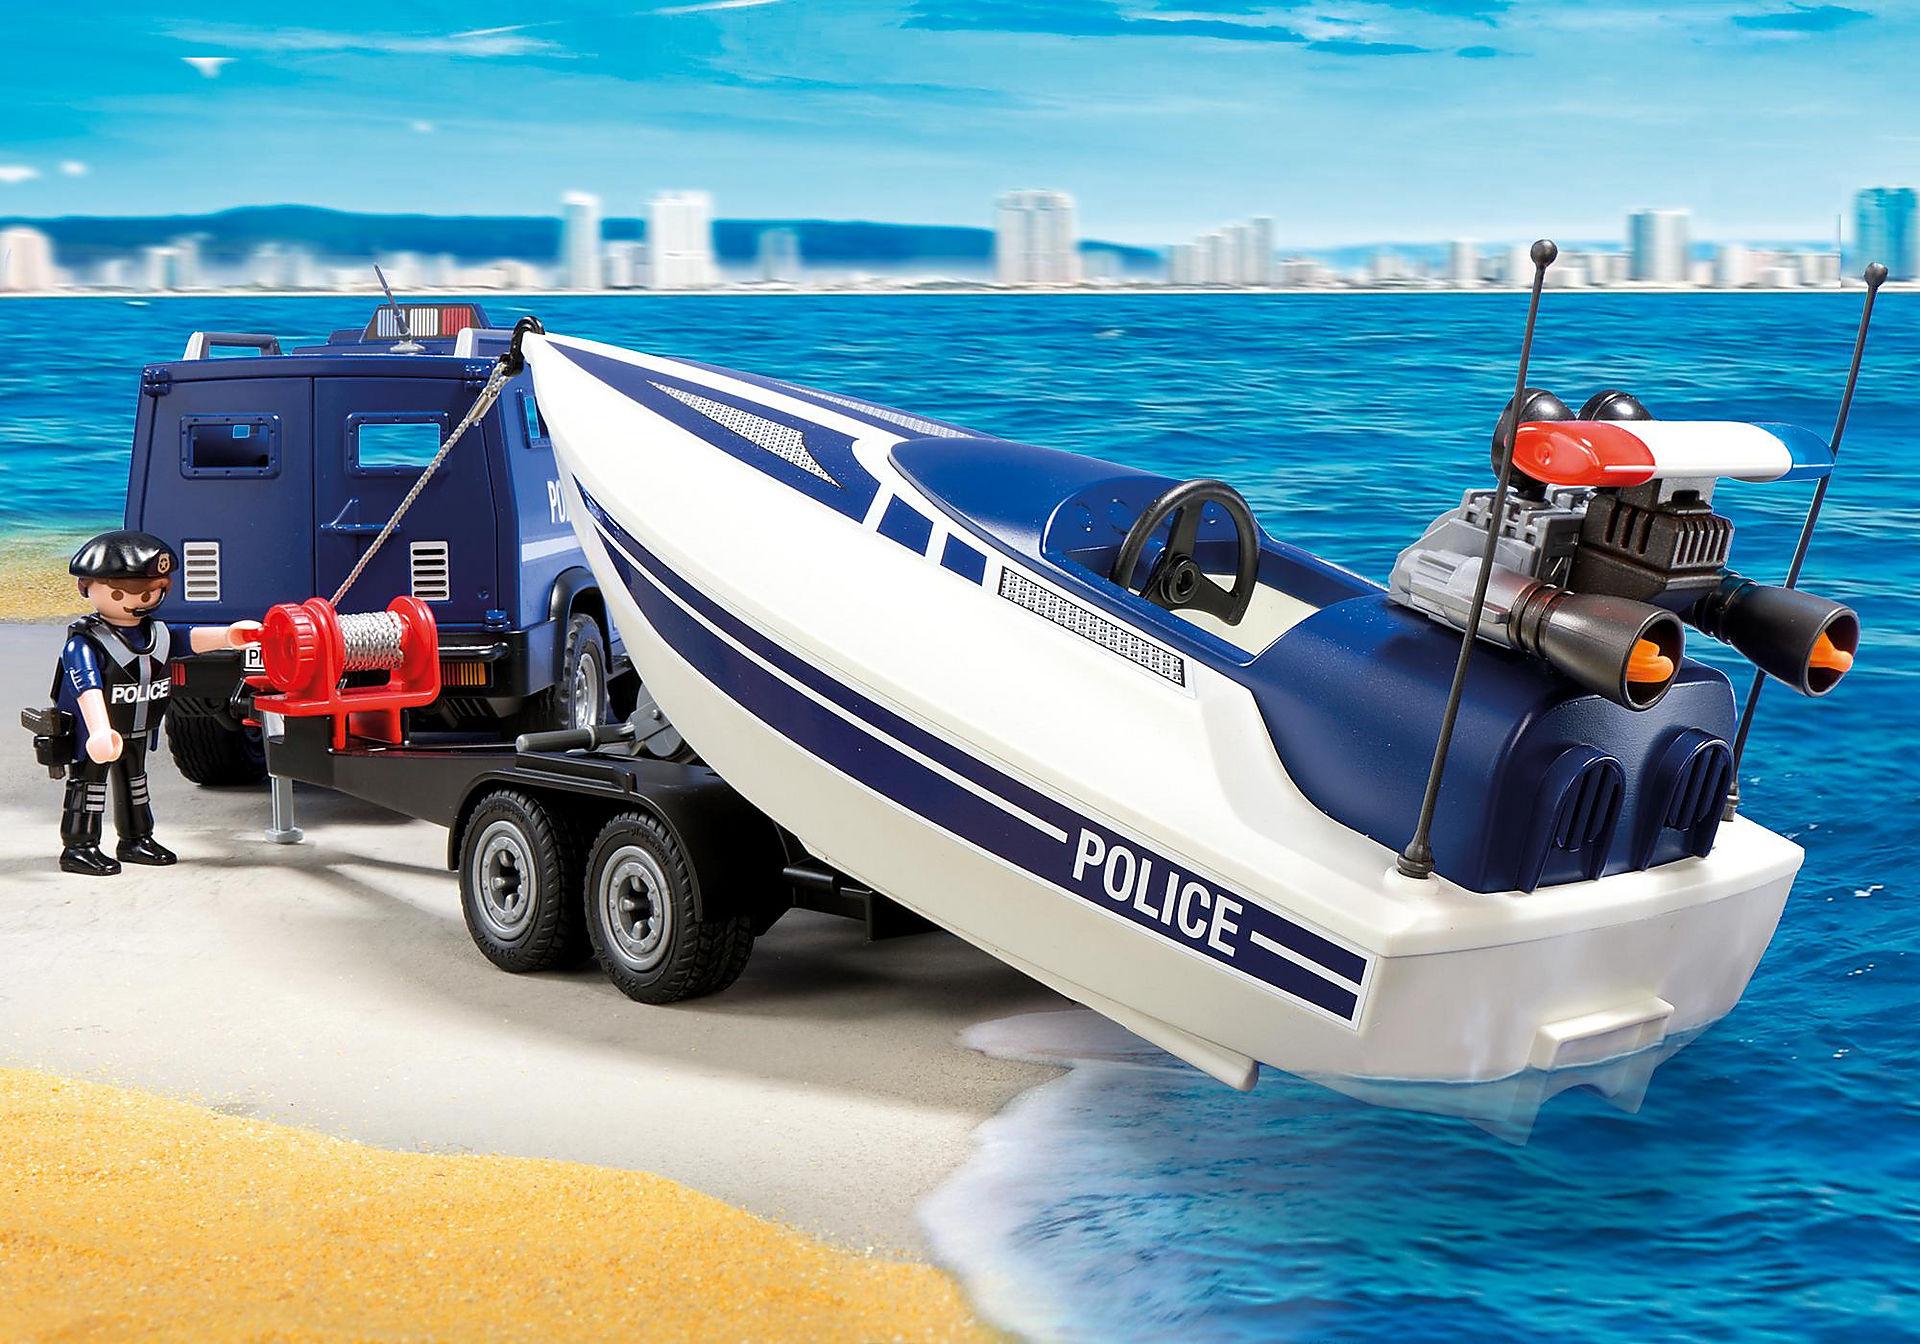 http://media.playmobil.com/i/playmobil/5187_product_extra1/Camião da Polícia com lancha